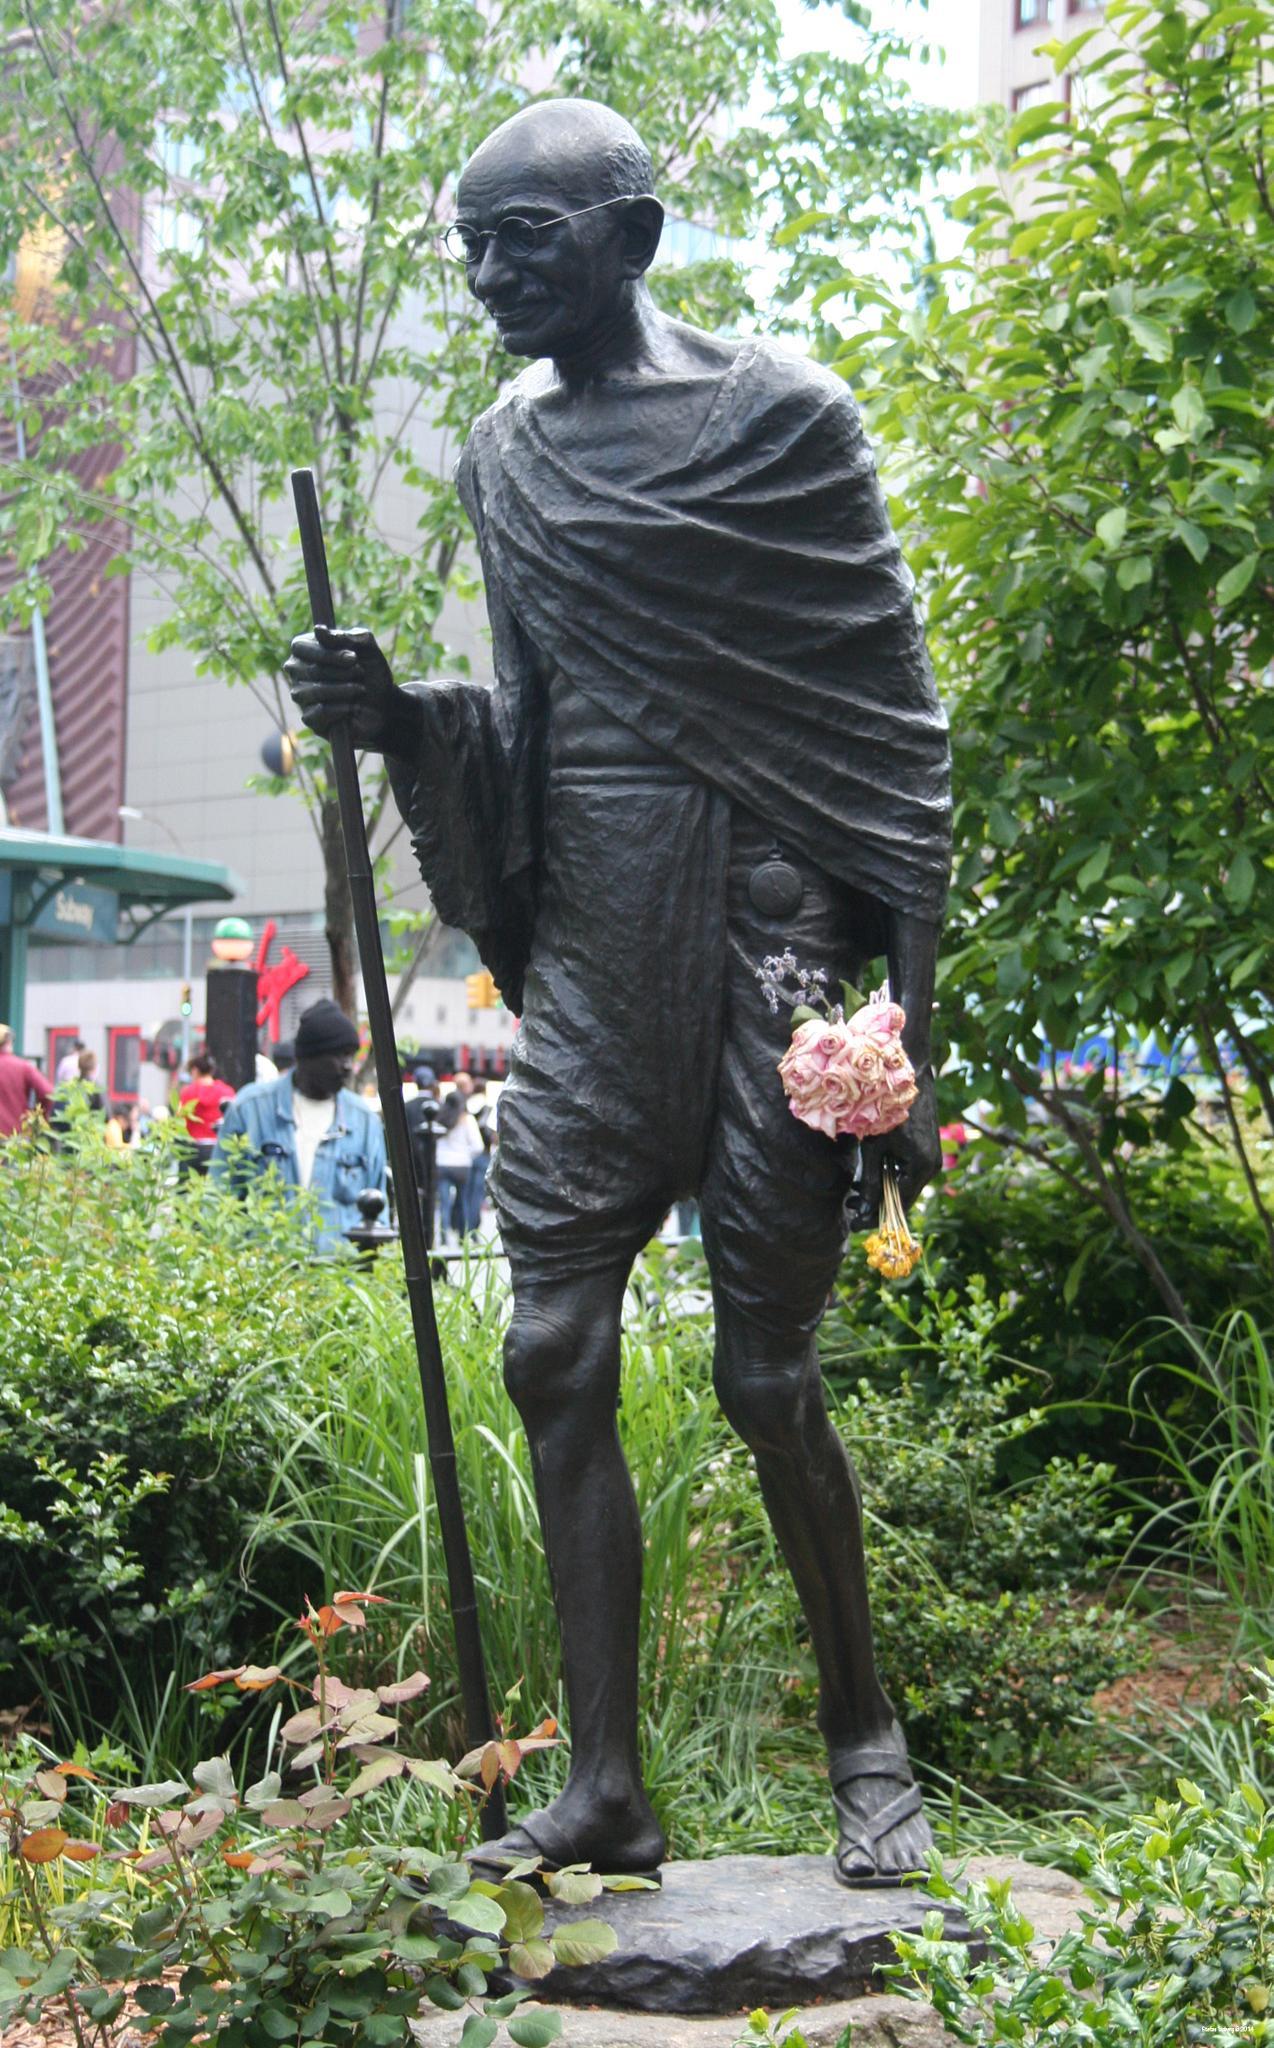 Ghandi as a flowerboy by Stefan Troberg